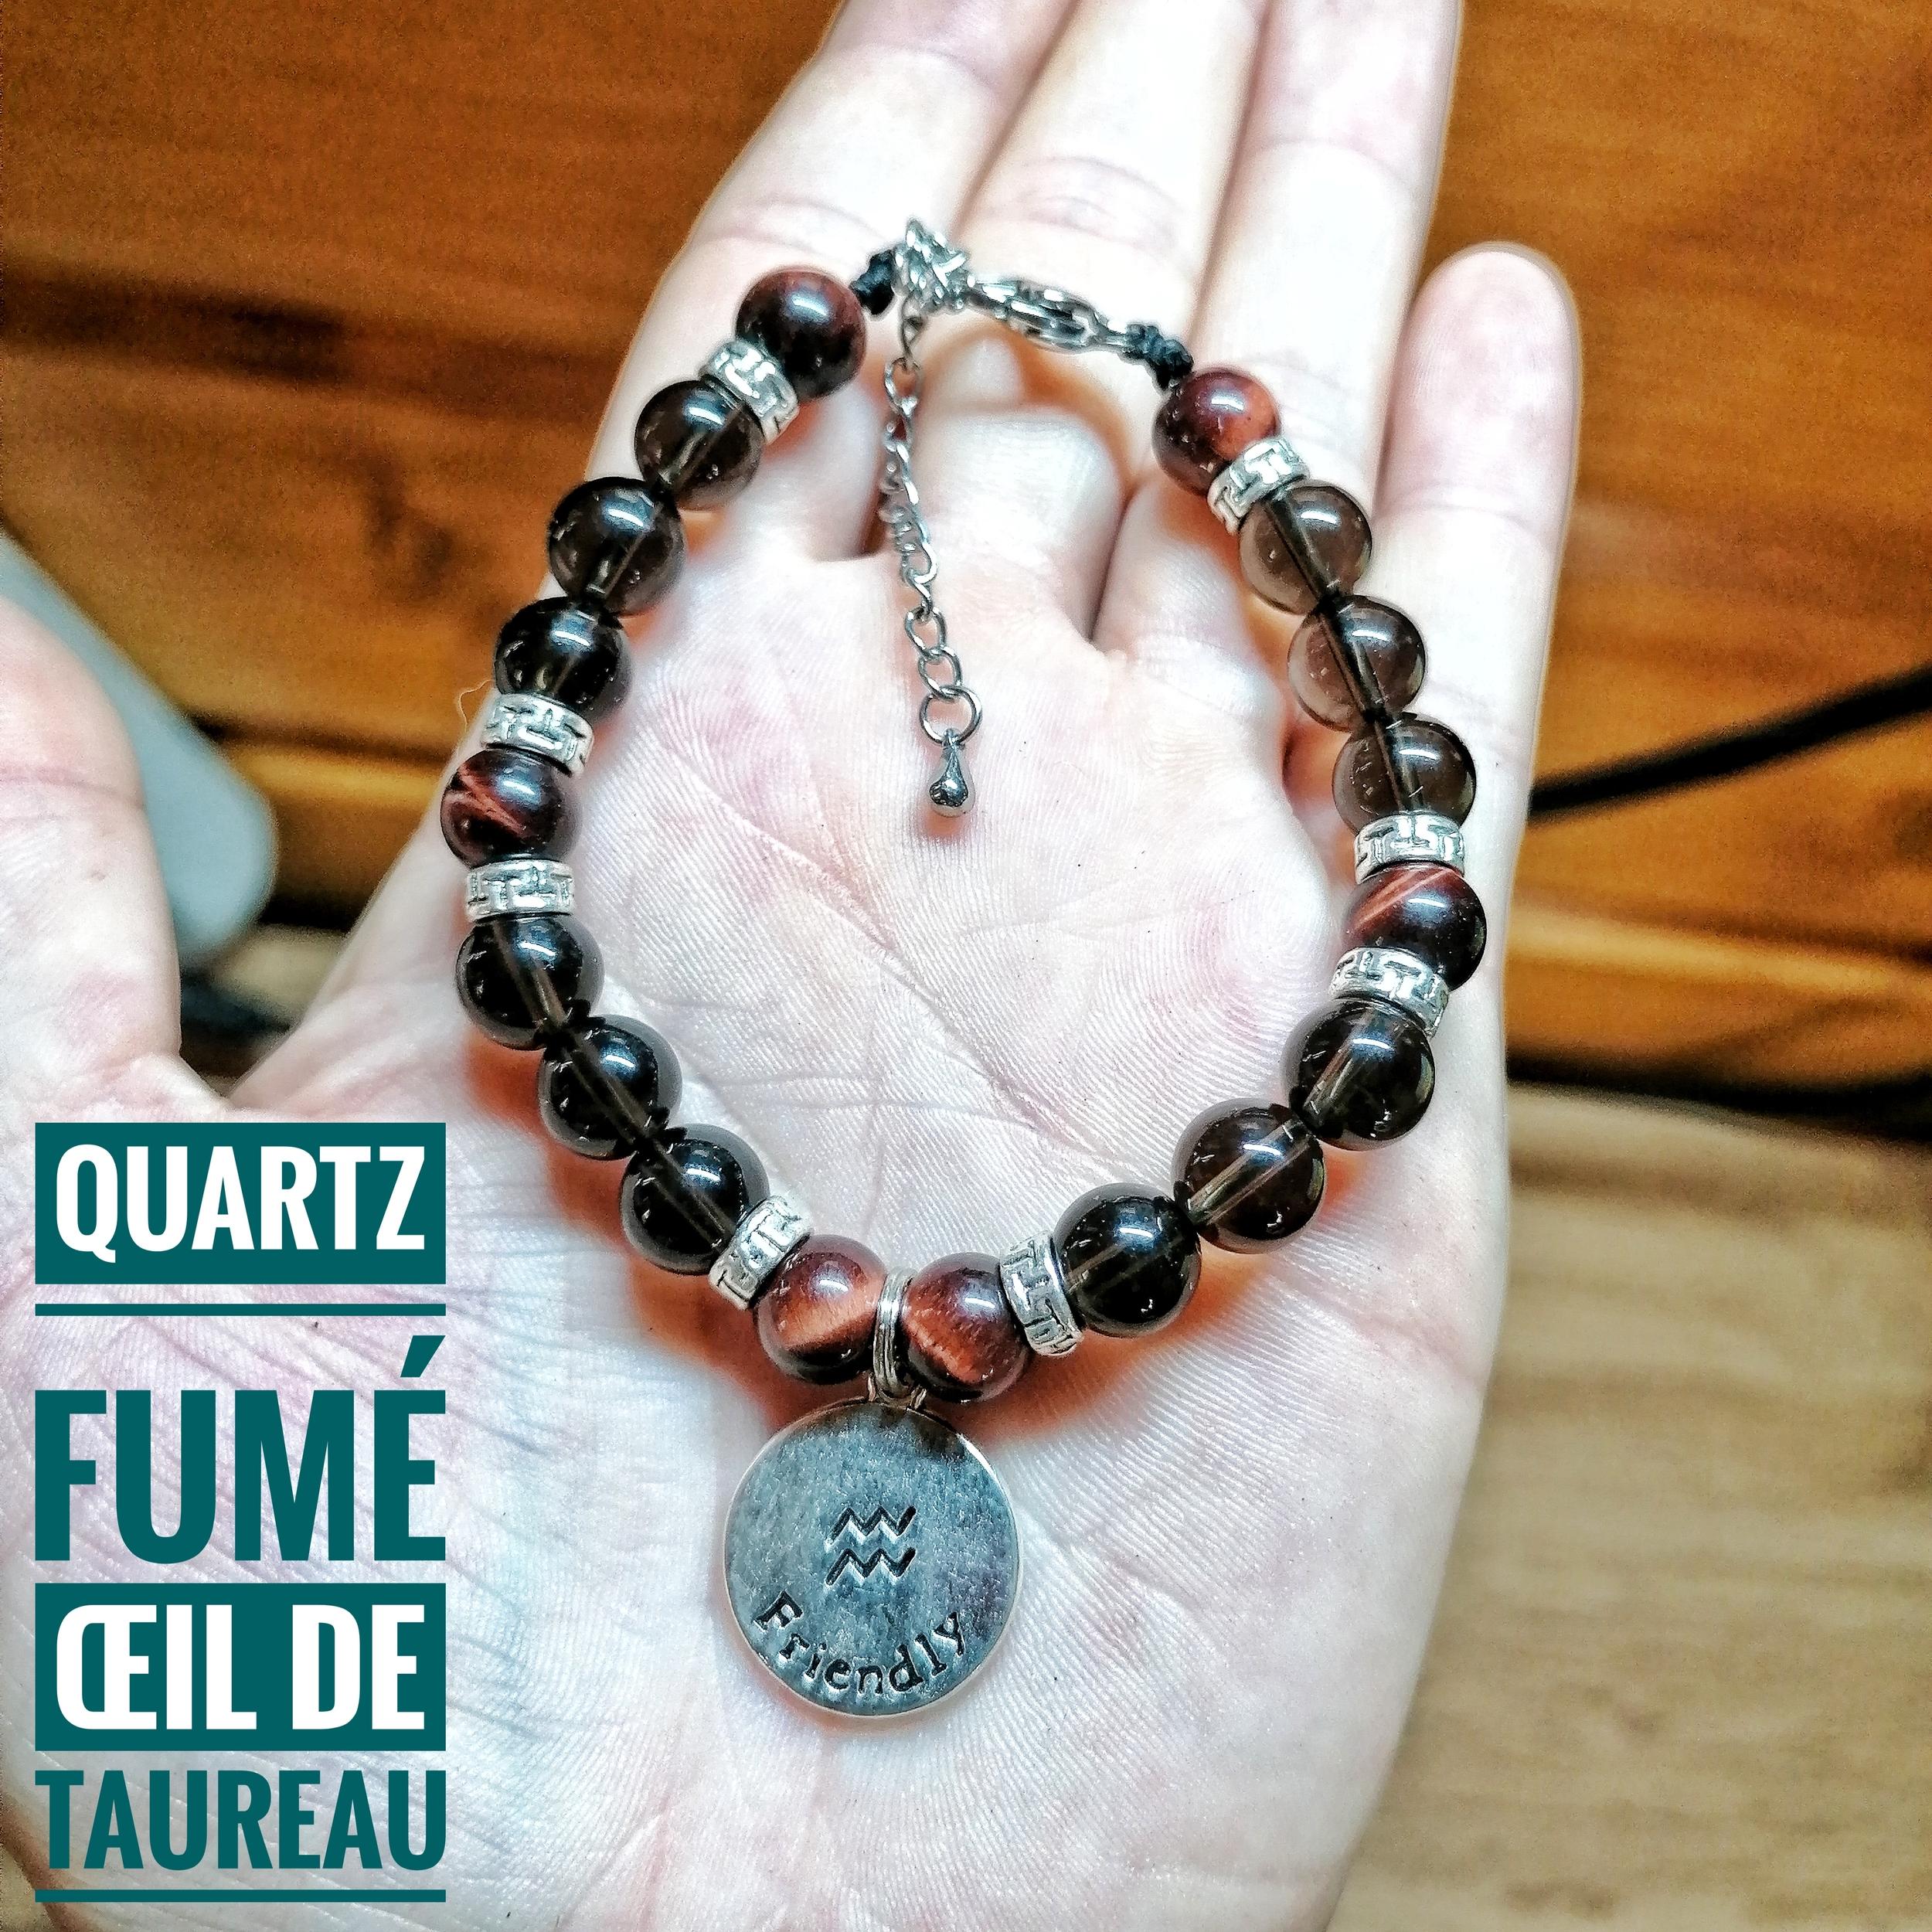 Bracelet spécial Verseau ♒ en Quartz fumé & Oeil de Taureau